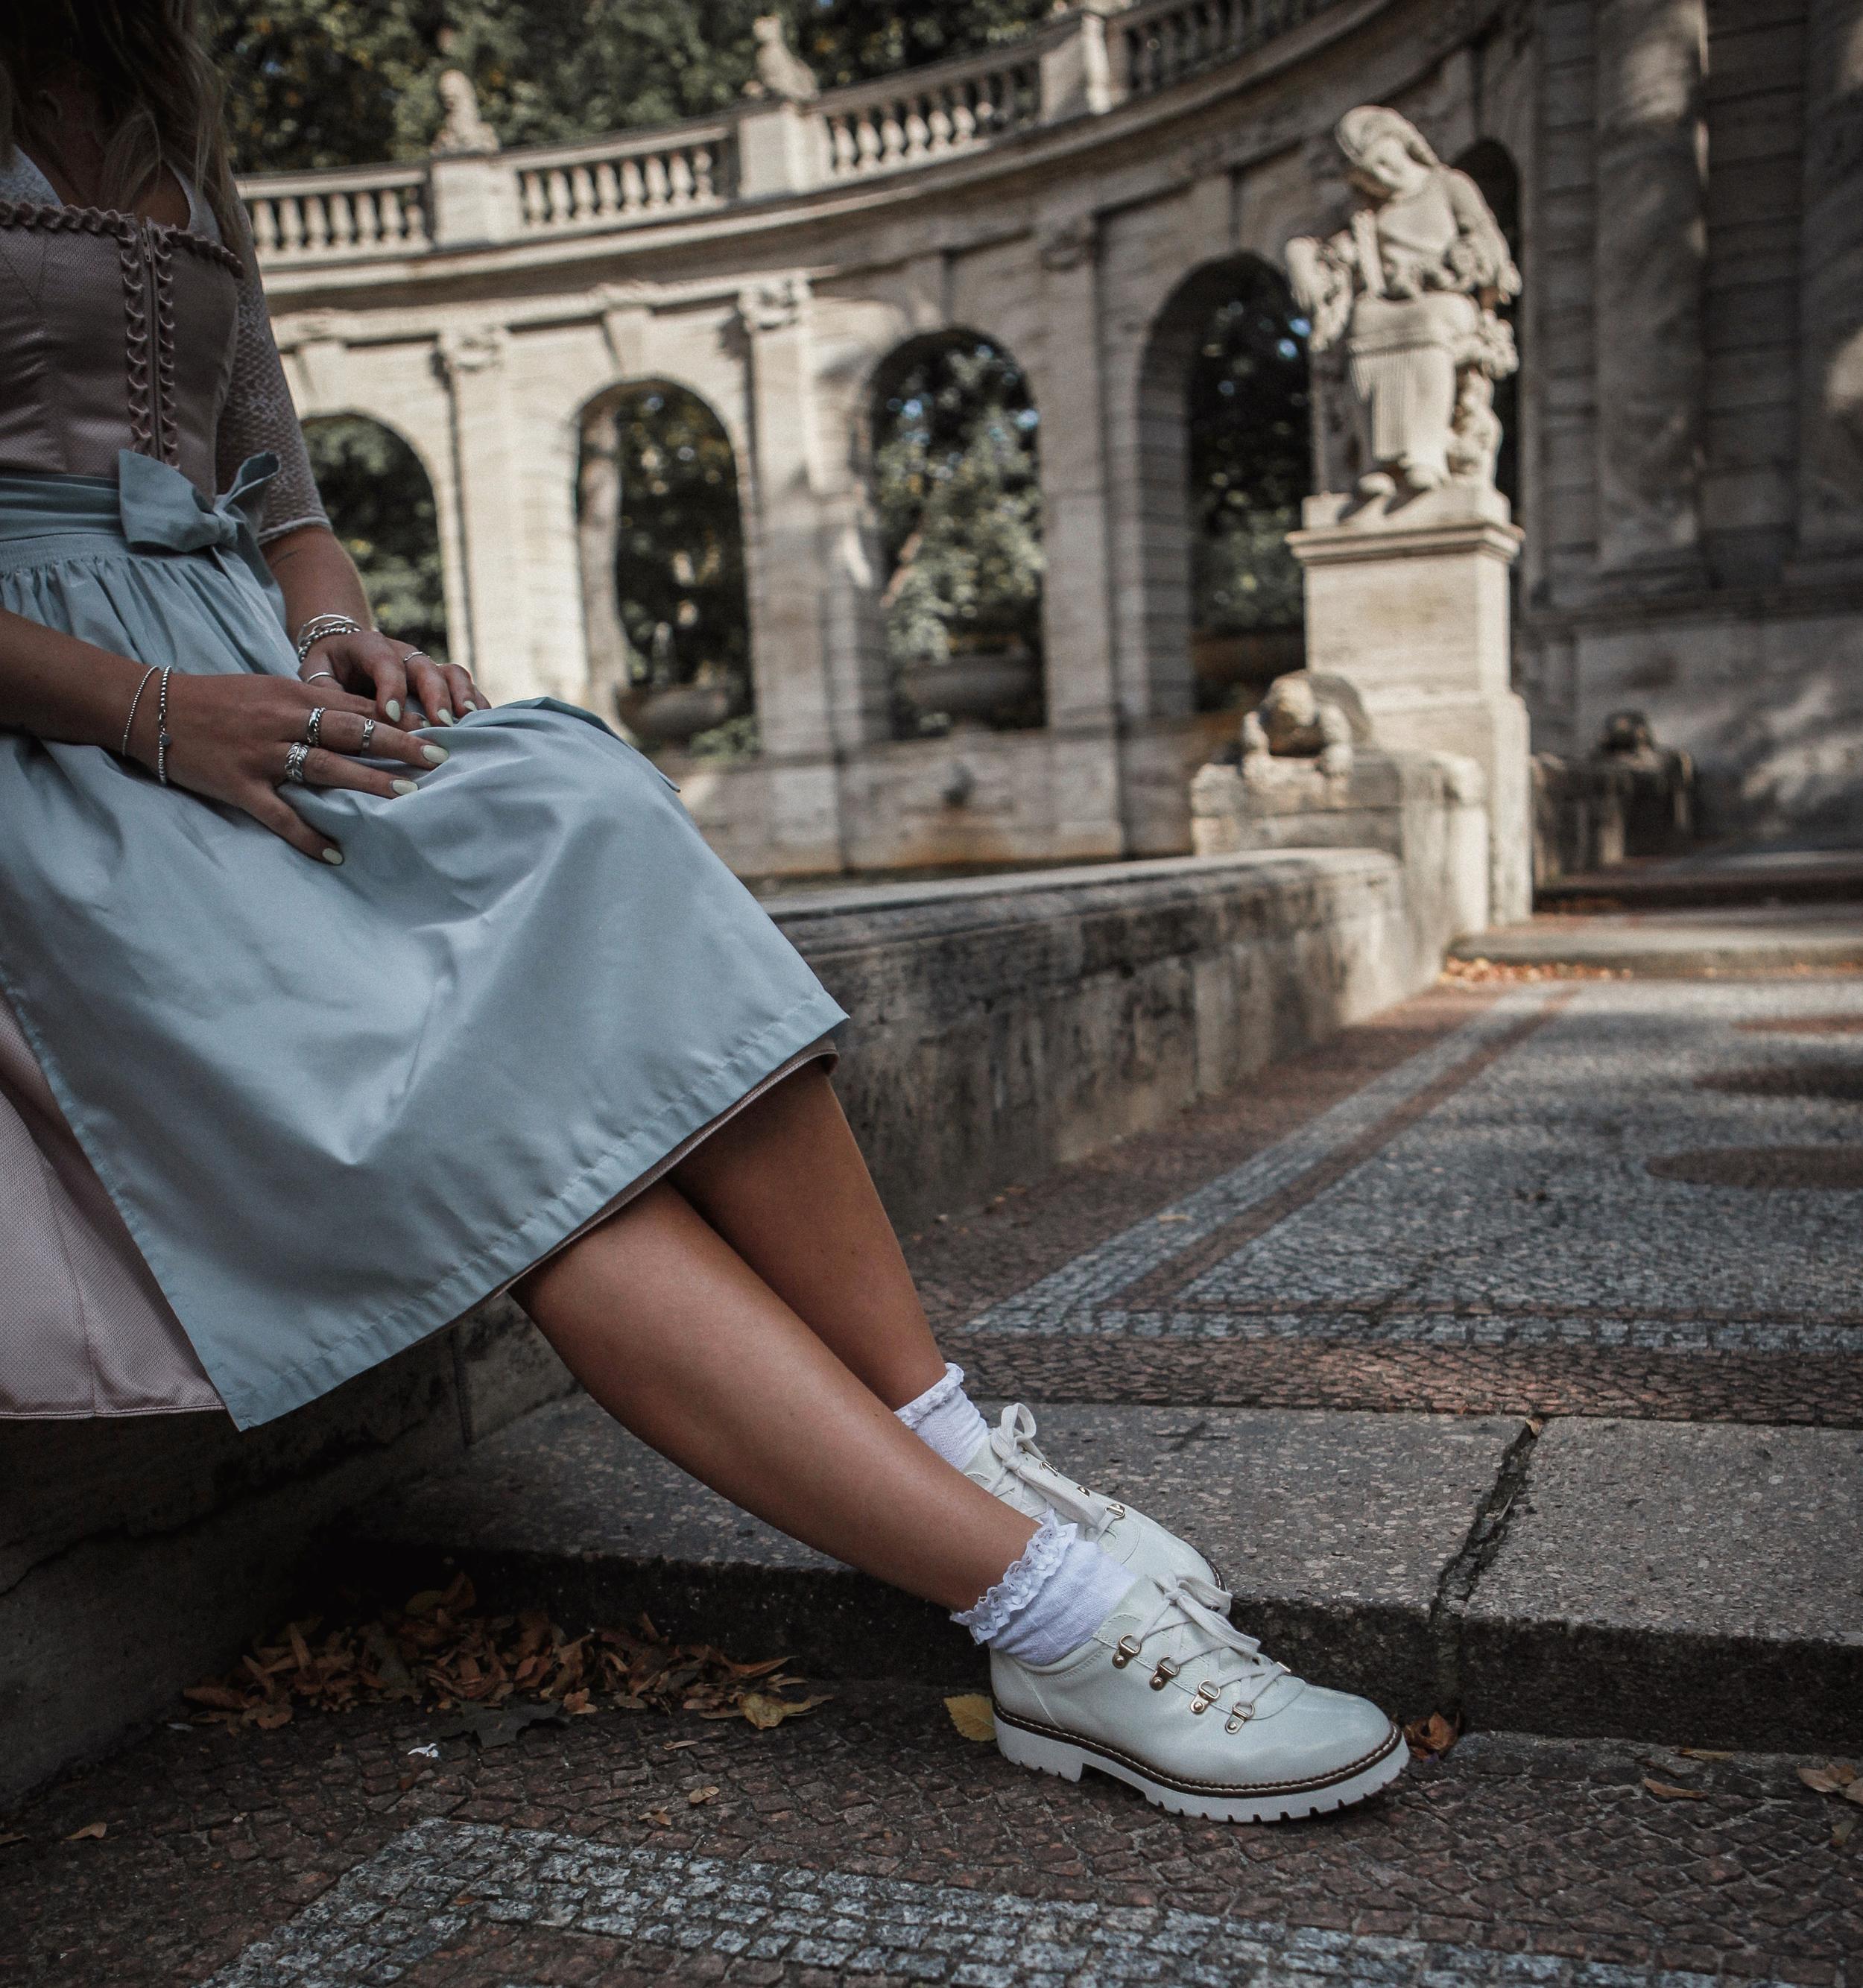 Lauralamode Blogger Dirndl Tracht Trachten Dirndl Know How Dirndl Trend 2019 Ludwig Und Therese Wiesn Dirndl Style Oktoberfest Munich Berlin Fashion Dirndlfrisur Wiesnfrisur Dirndl Inspiration